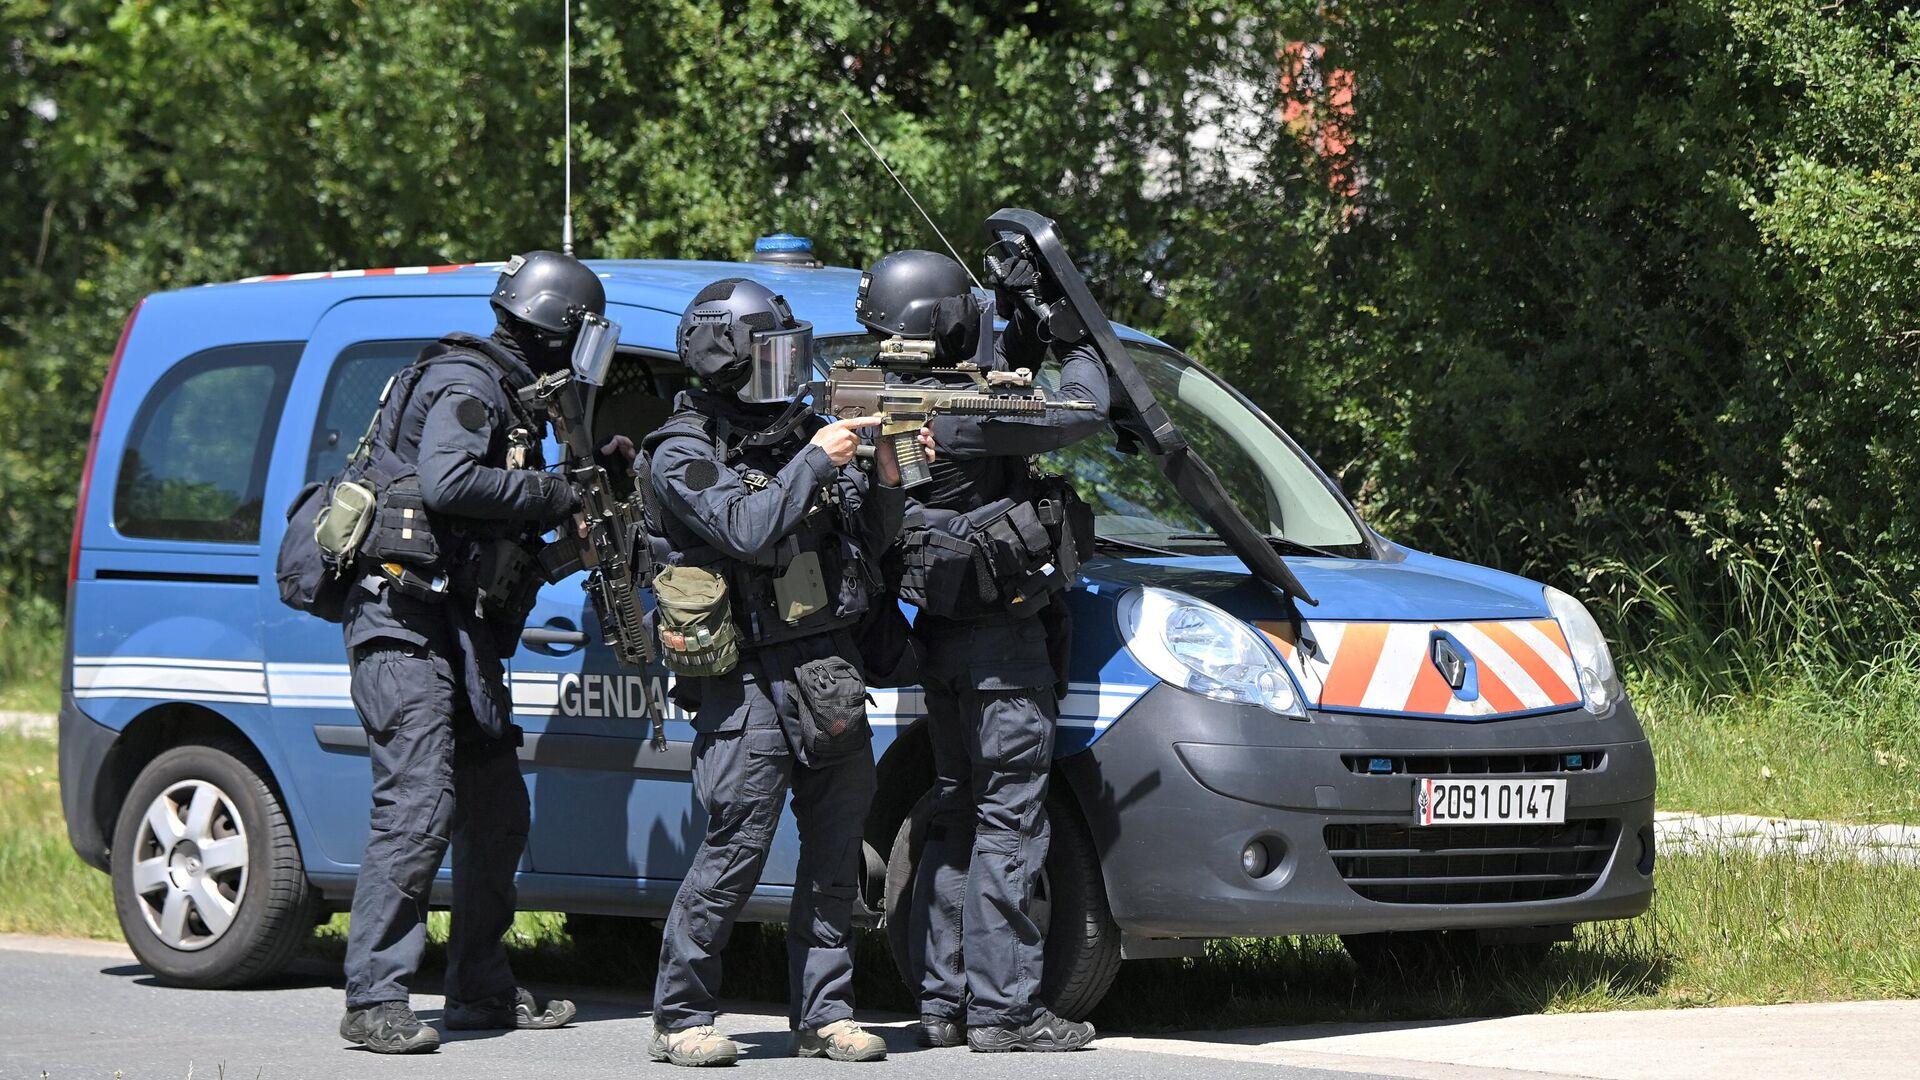 Сотрудники правоохранительных органов на месте нападения на полицейскую в городе Нант, Франция - РИА Новости, 1920, 28.05.2021